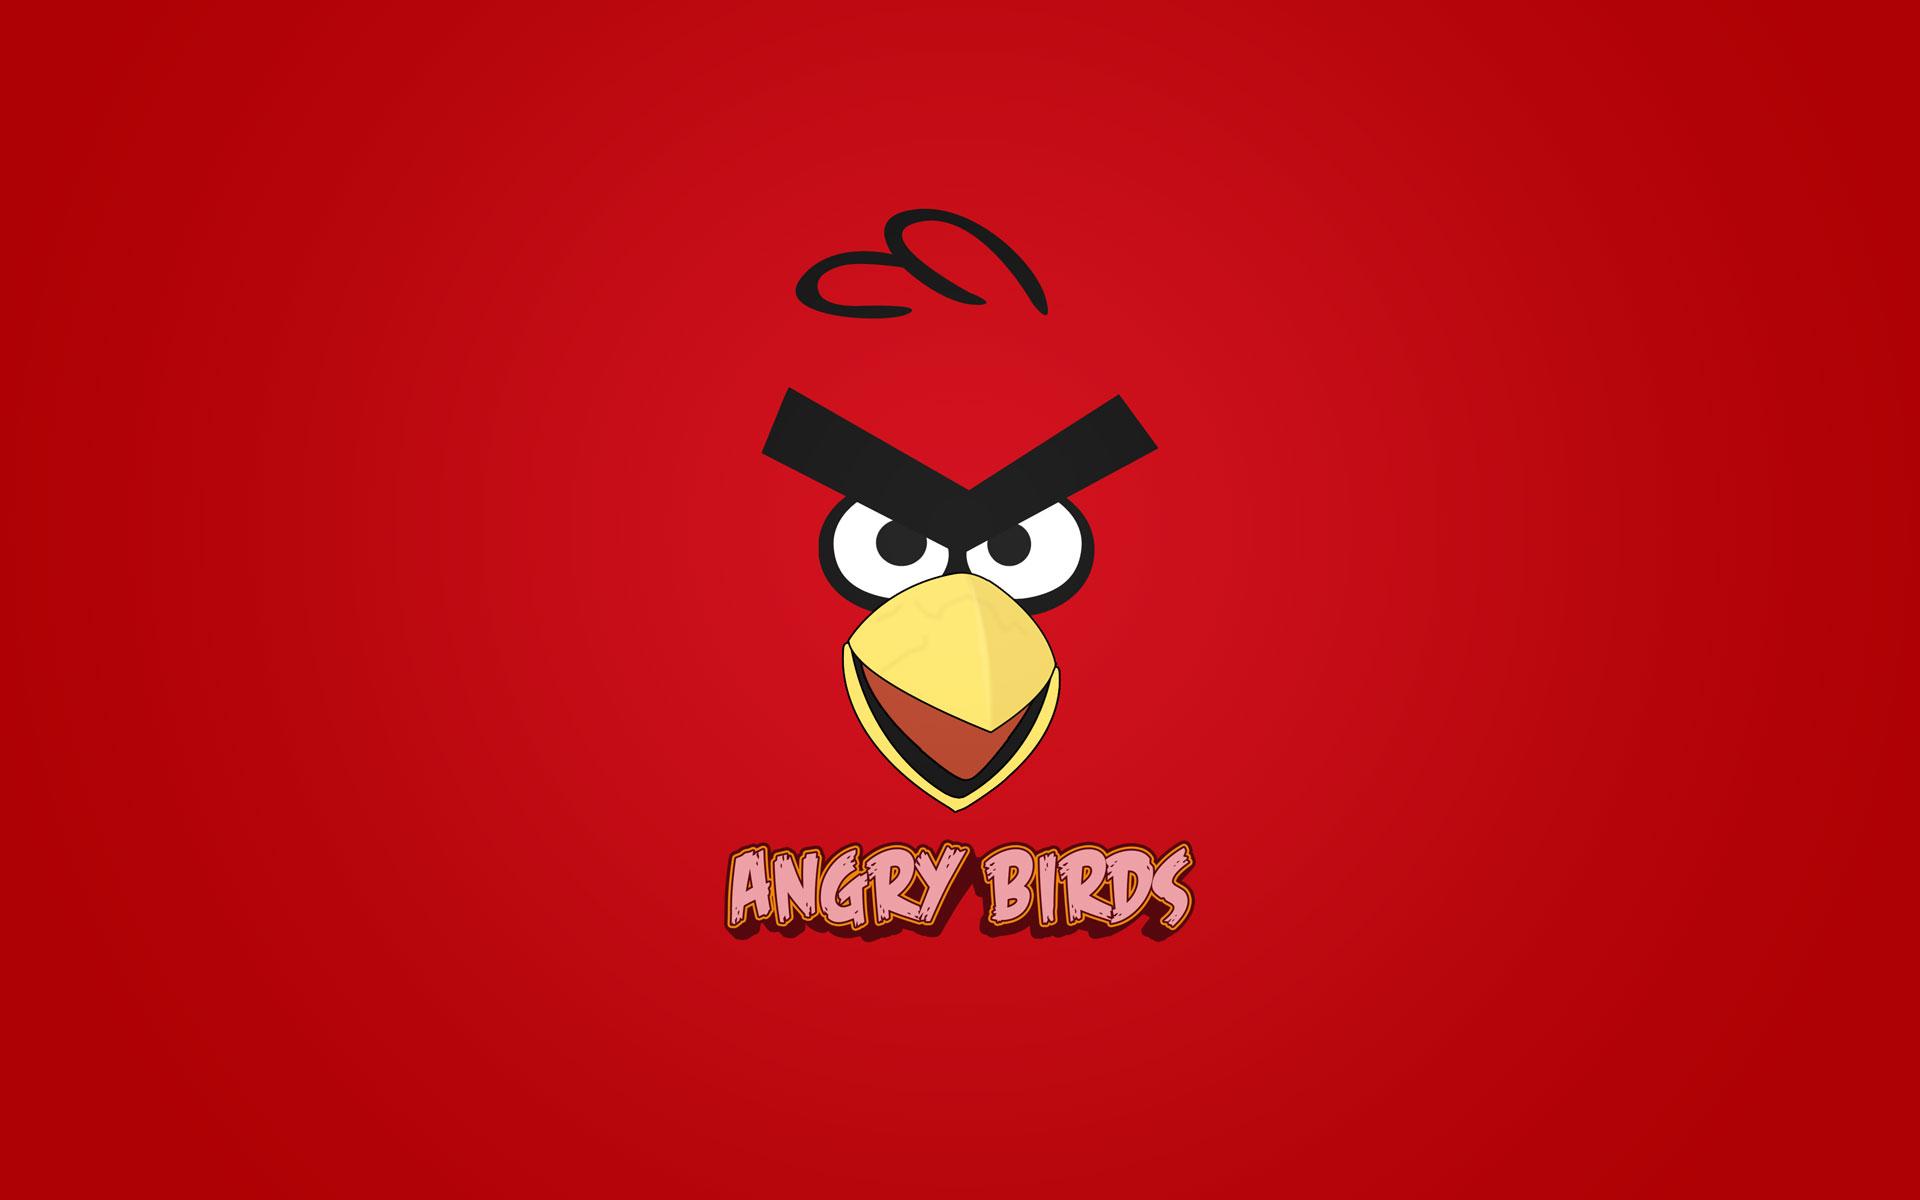 angry_birds_desktop_wallpaper